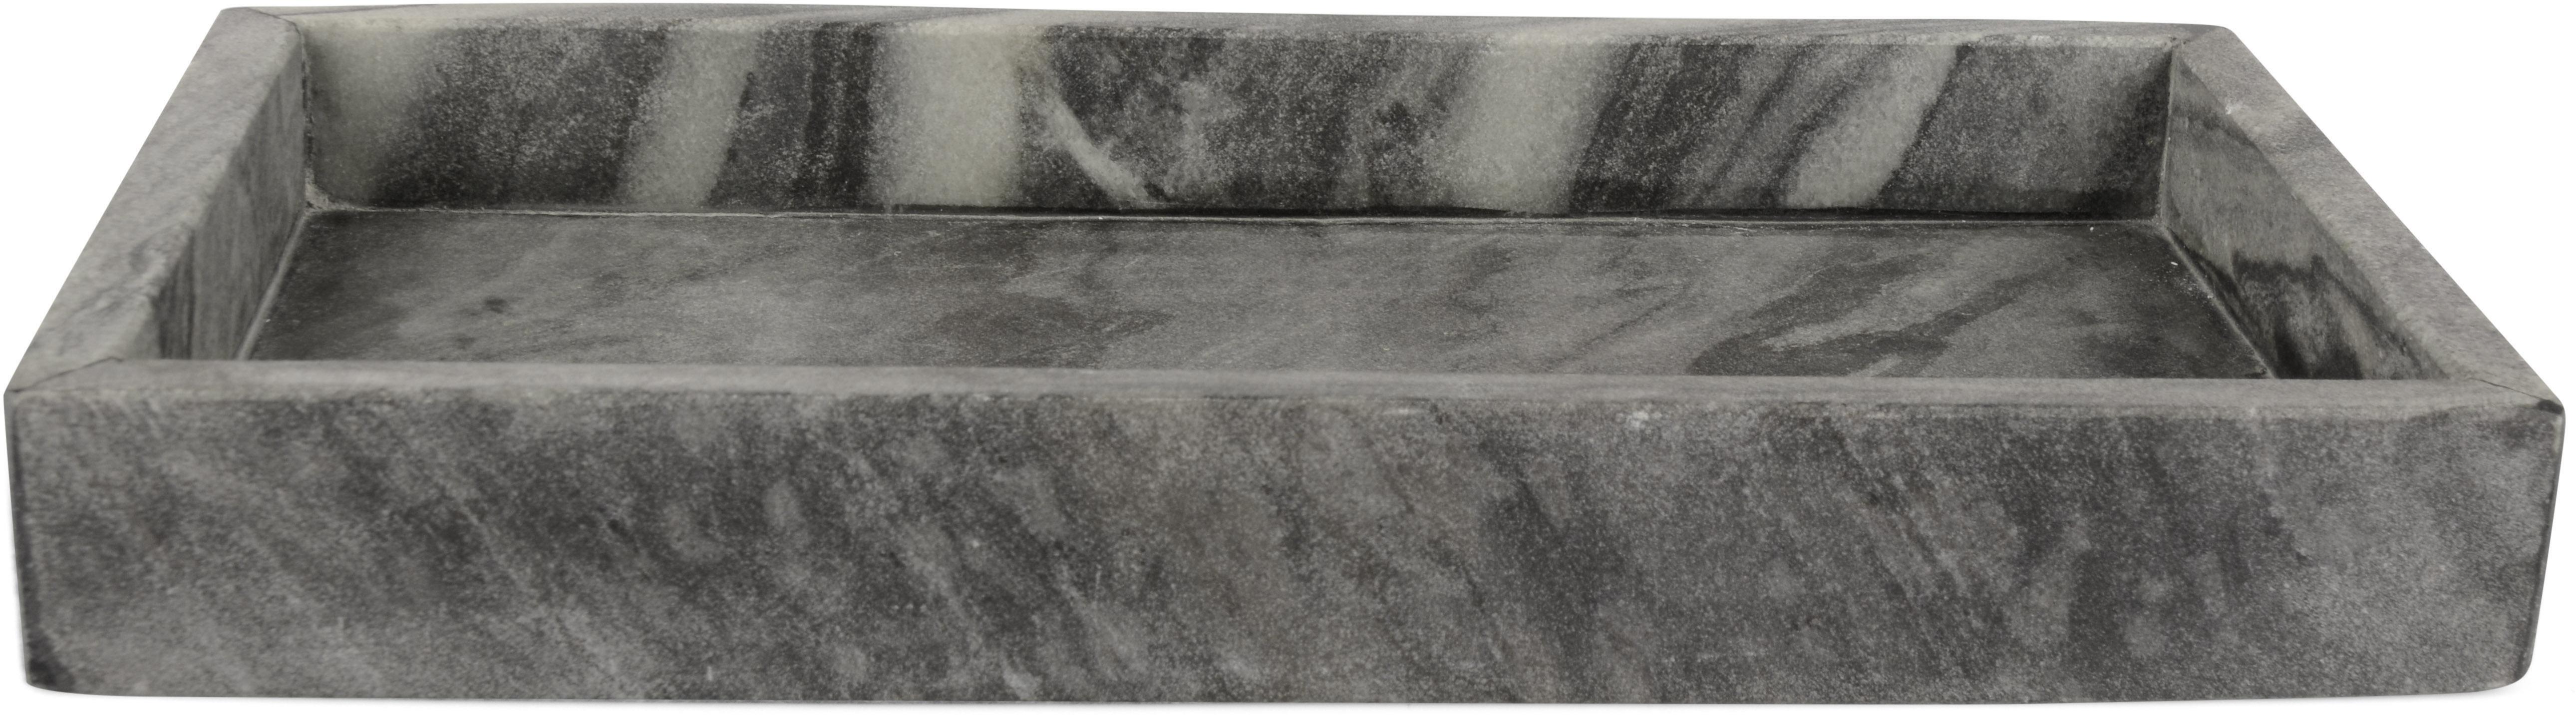 Decoratief marmeren dienblad Mera, Marmer, Gemarmerd grijs, B 30 x D 15 cm